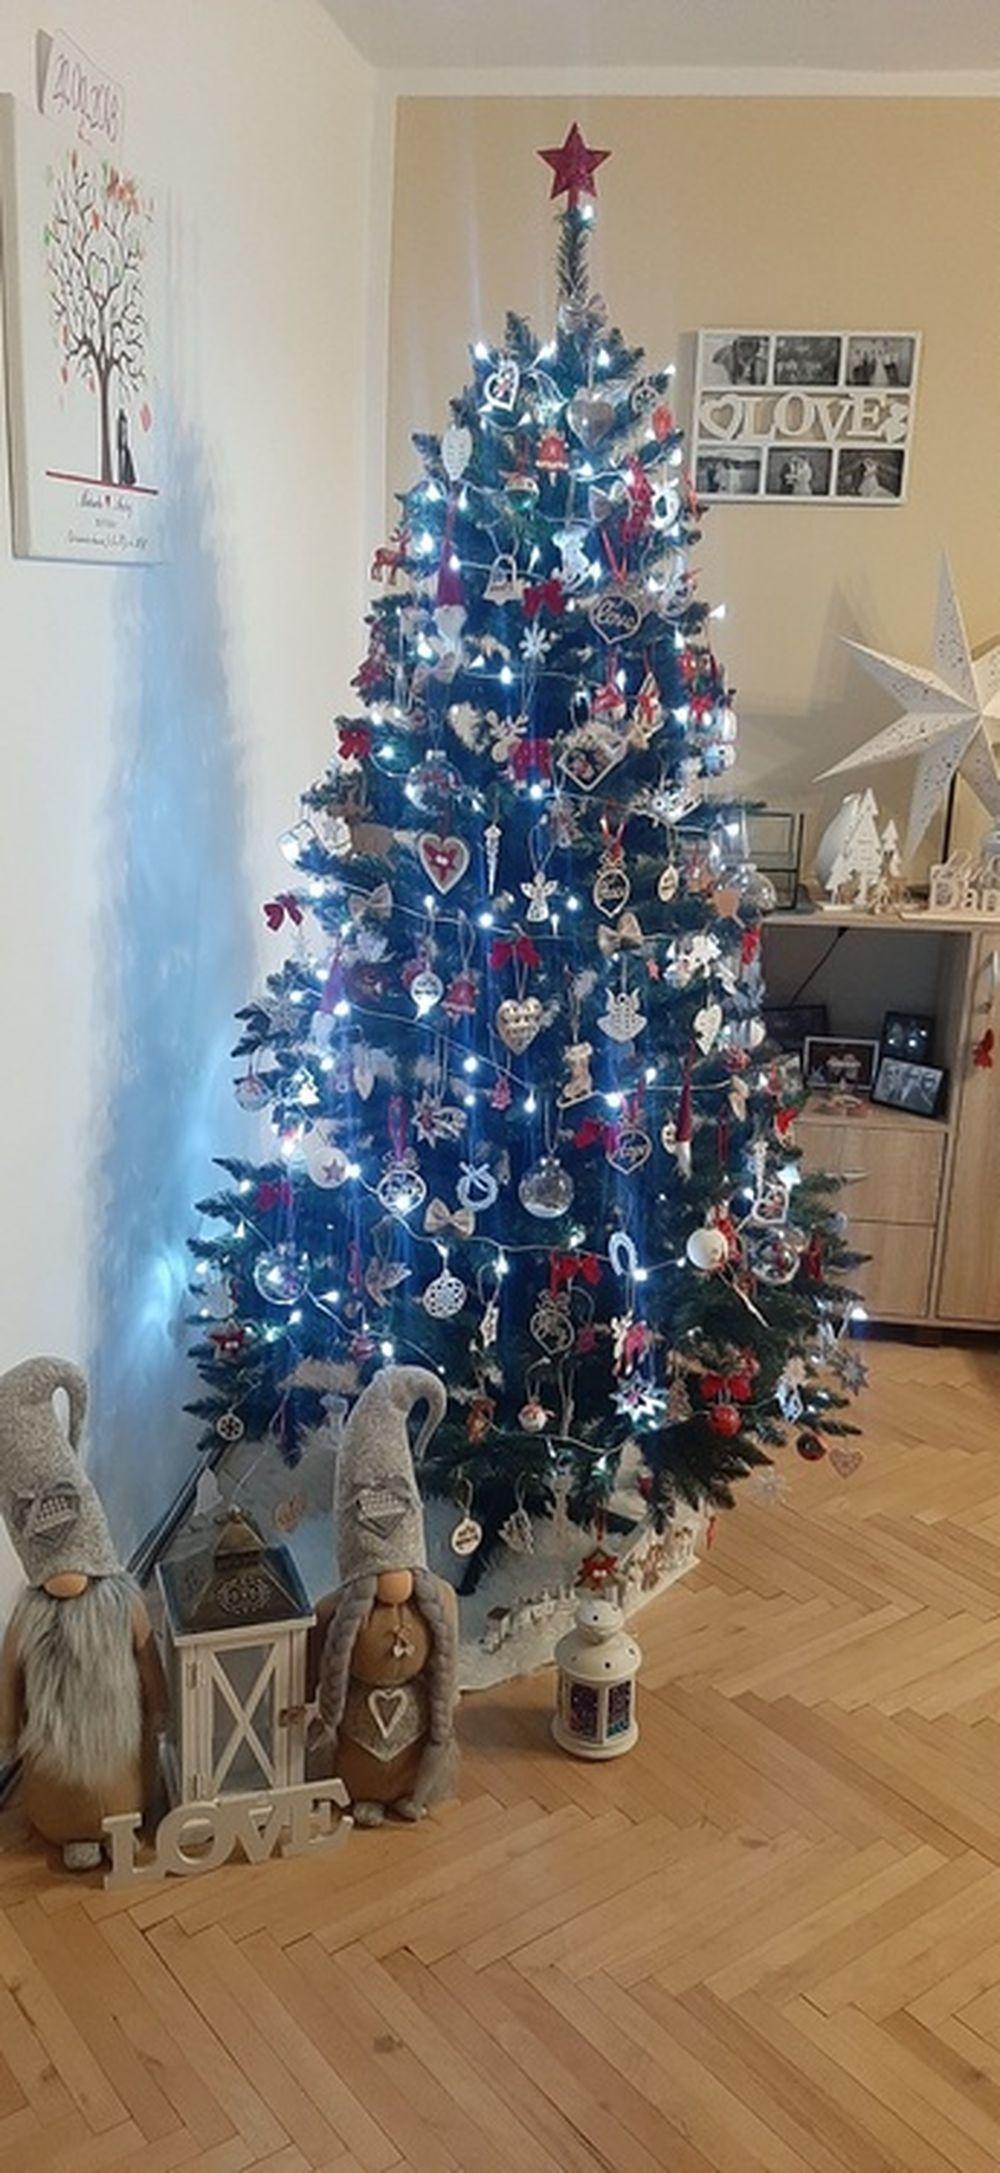 FOTO: Vianočné stromčeky v Žiline - výber fotografií našich čitateľov, foto 33